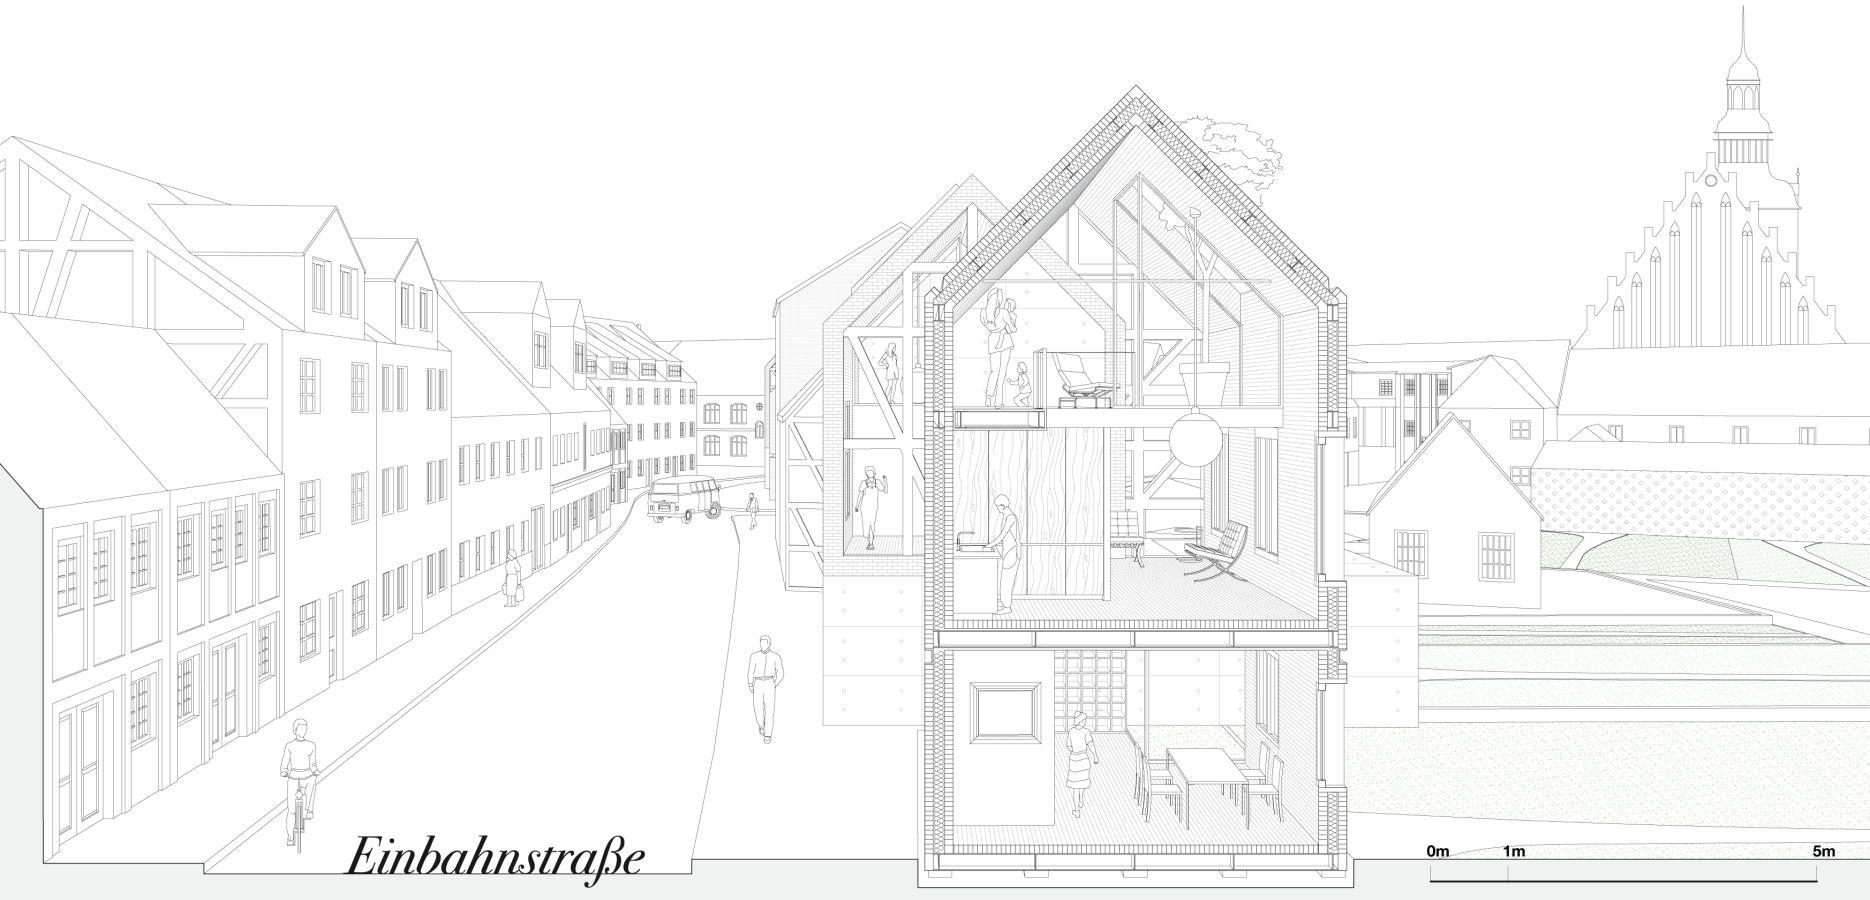 Gosplan einbahnstrasse · coupe en perspectivedessins darchitecturearchitecture contemporaineconstructivisme